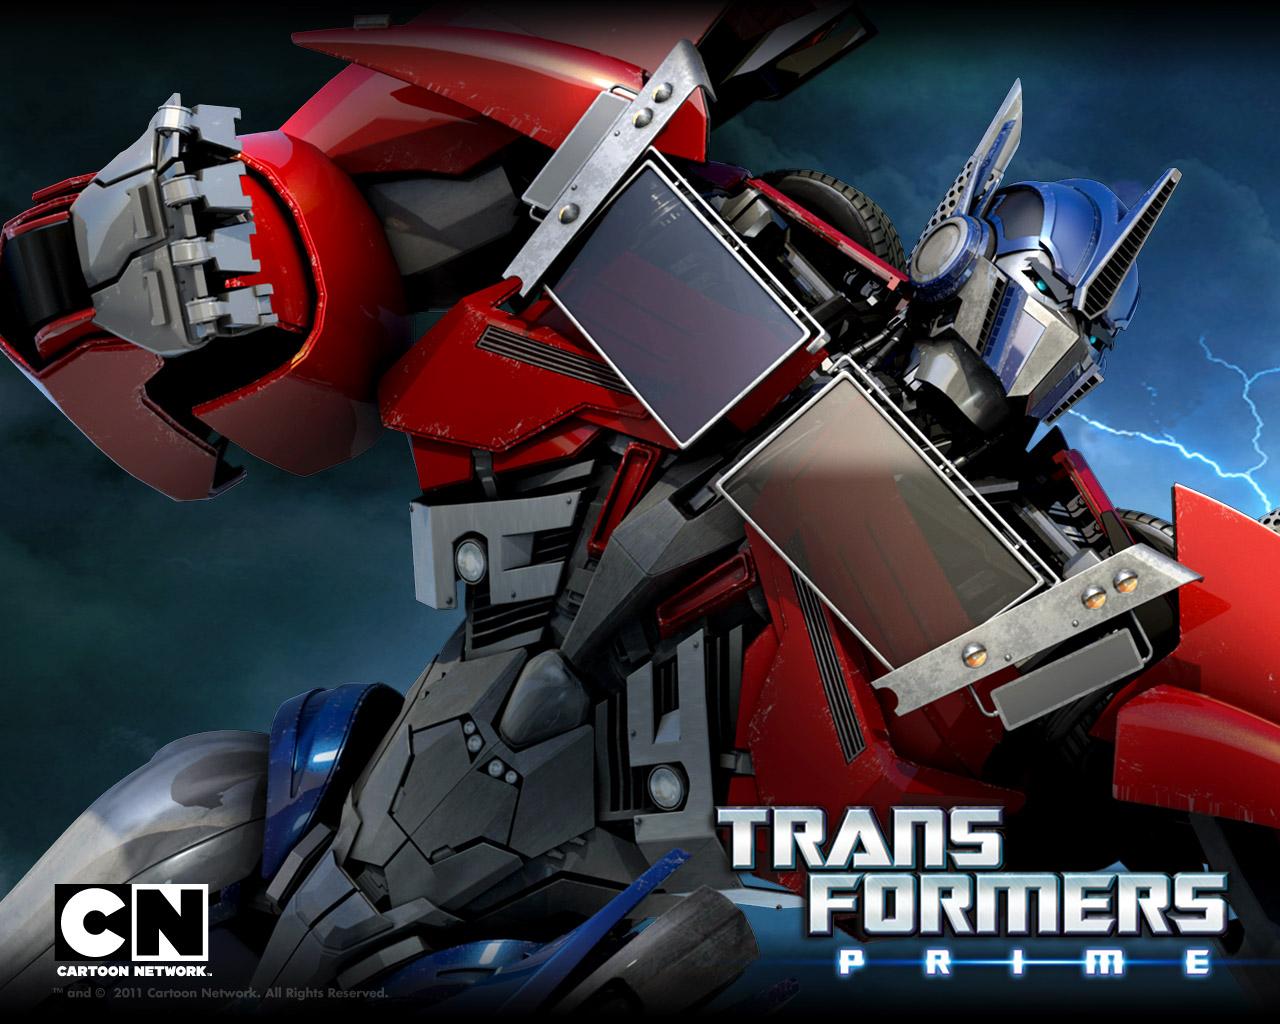 Wallpaper transformers prime wallpapersafari - Transformers prime wallpaper ...